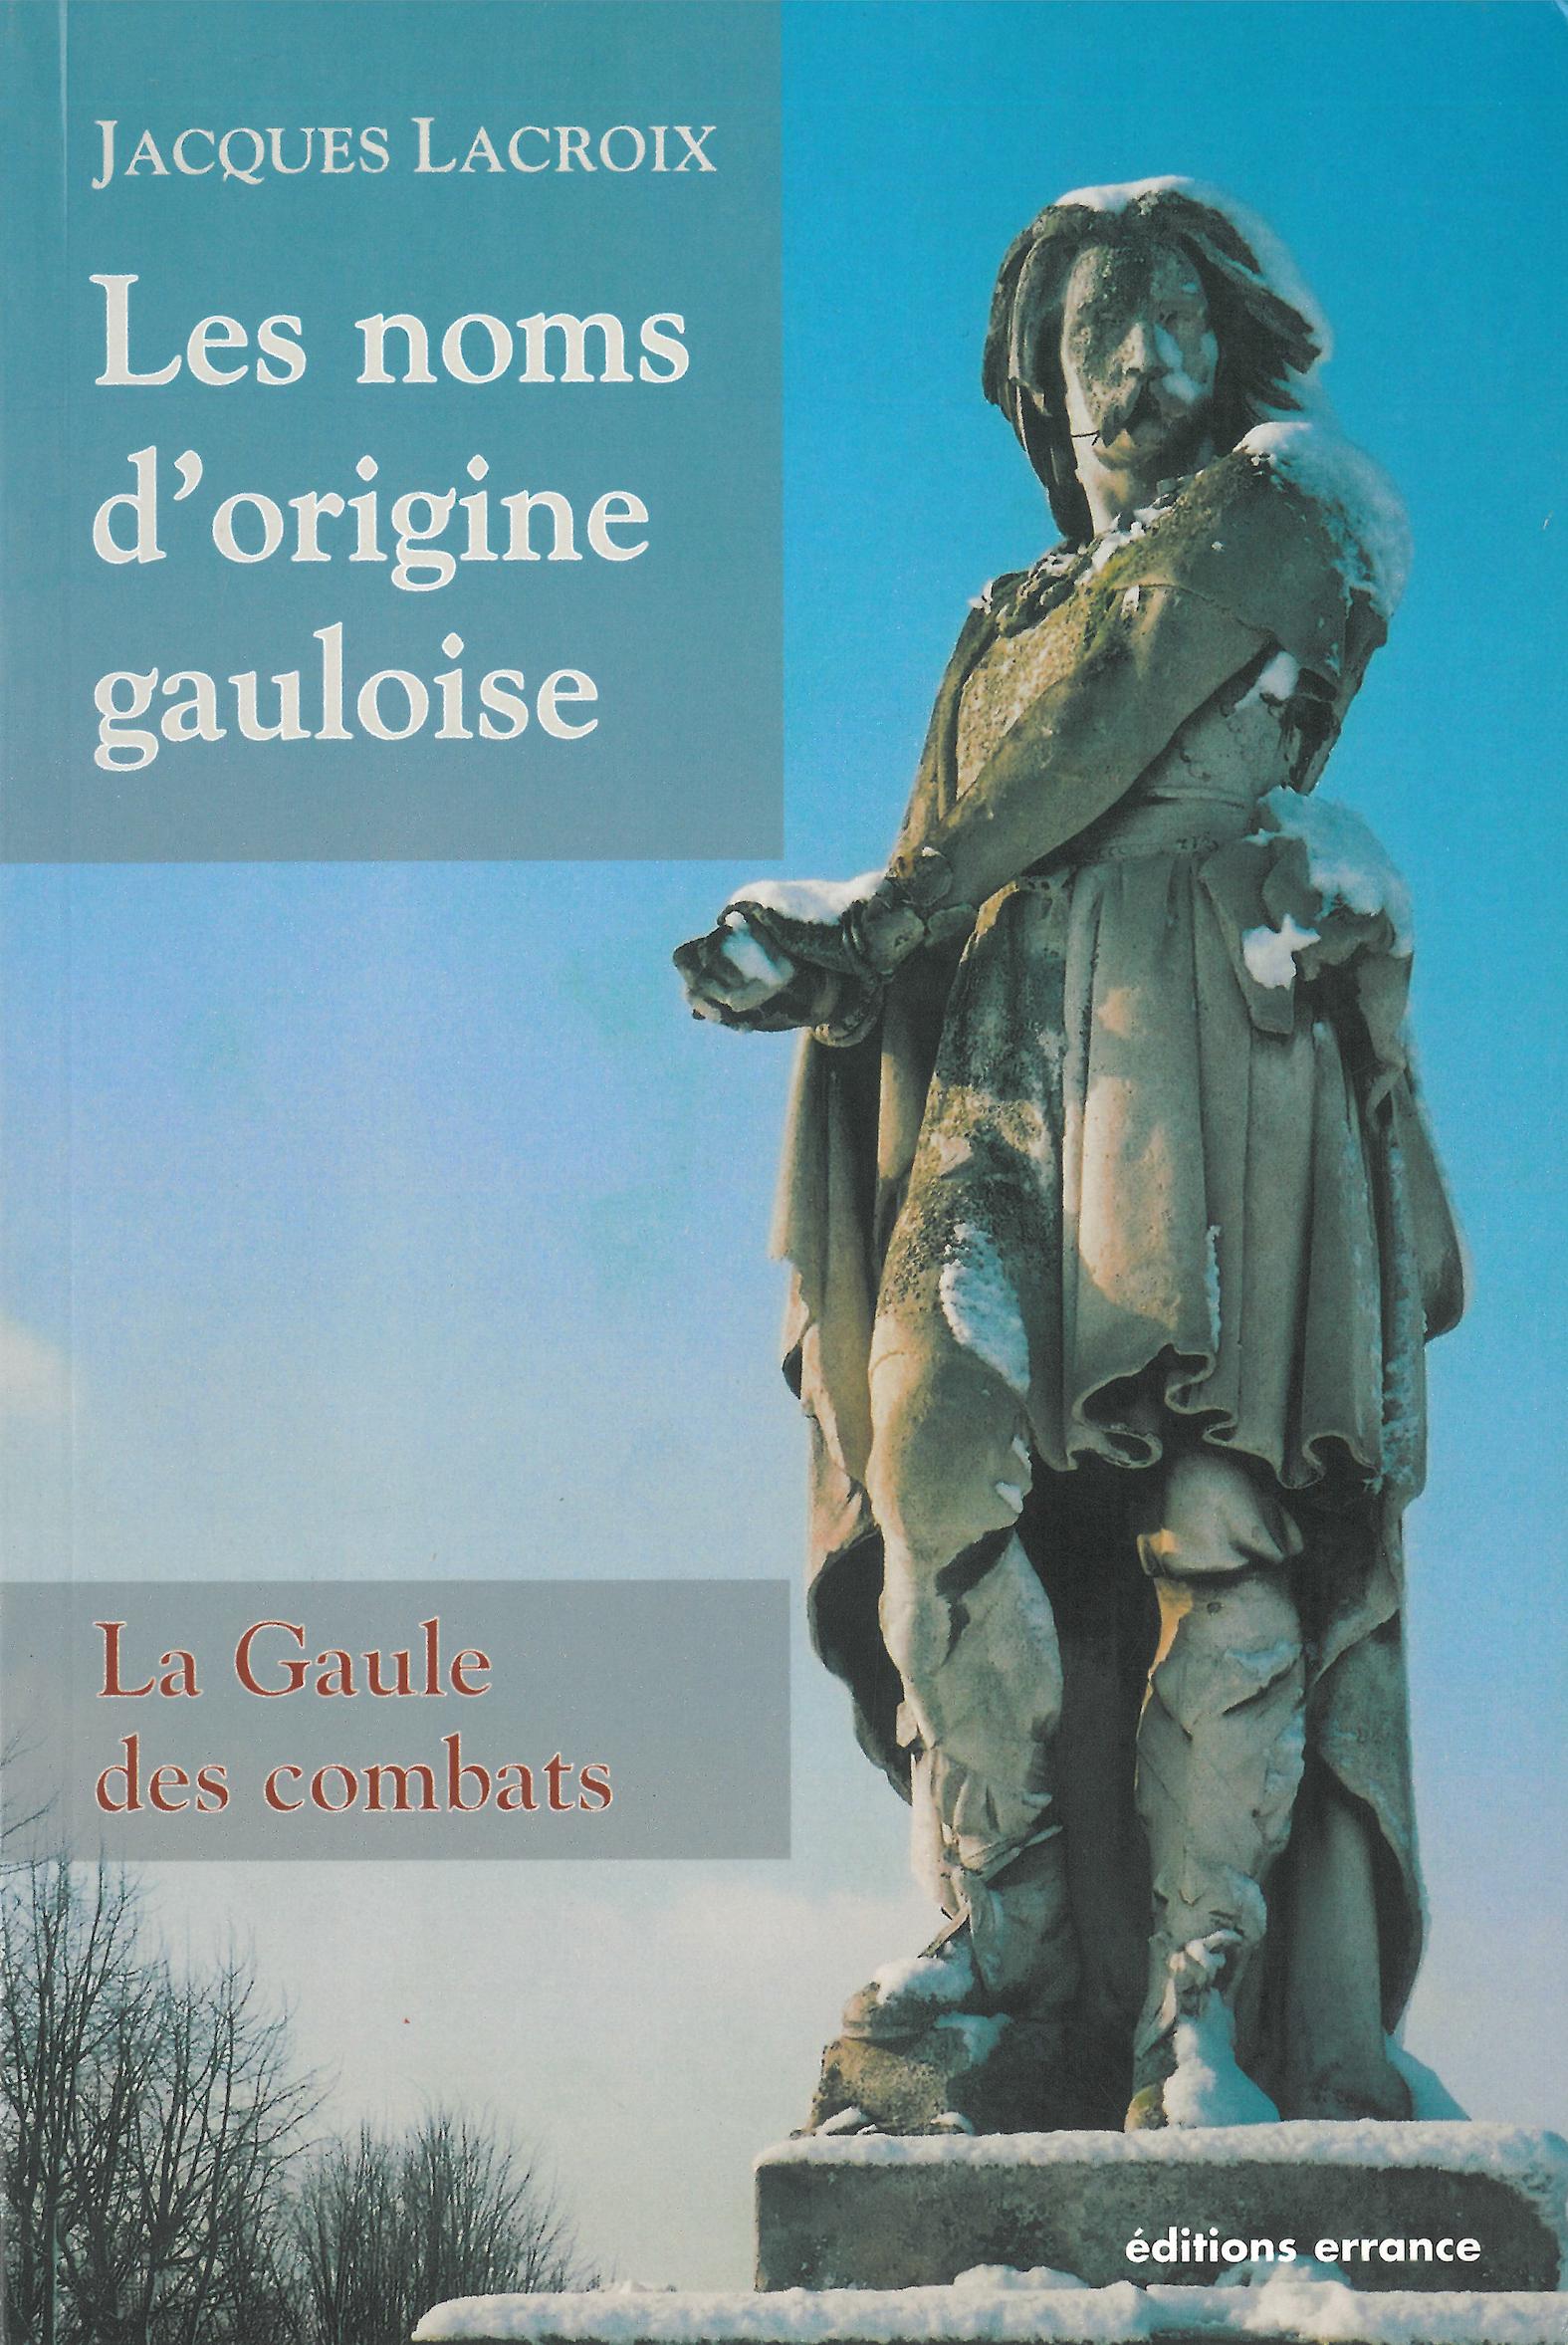 Les noms d'origine gauloise : La Gaule des combats